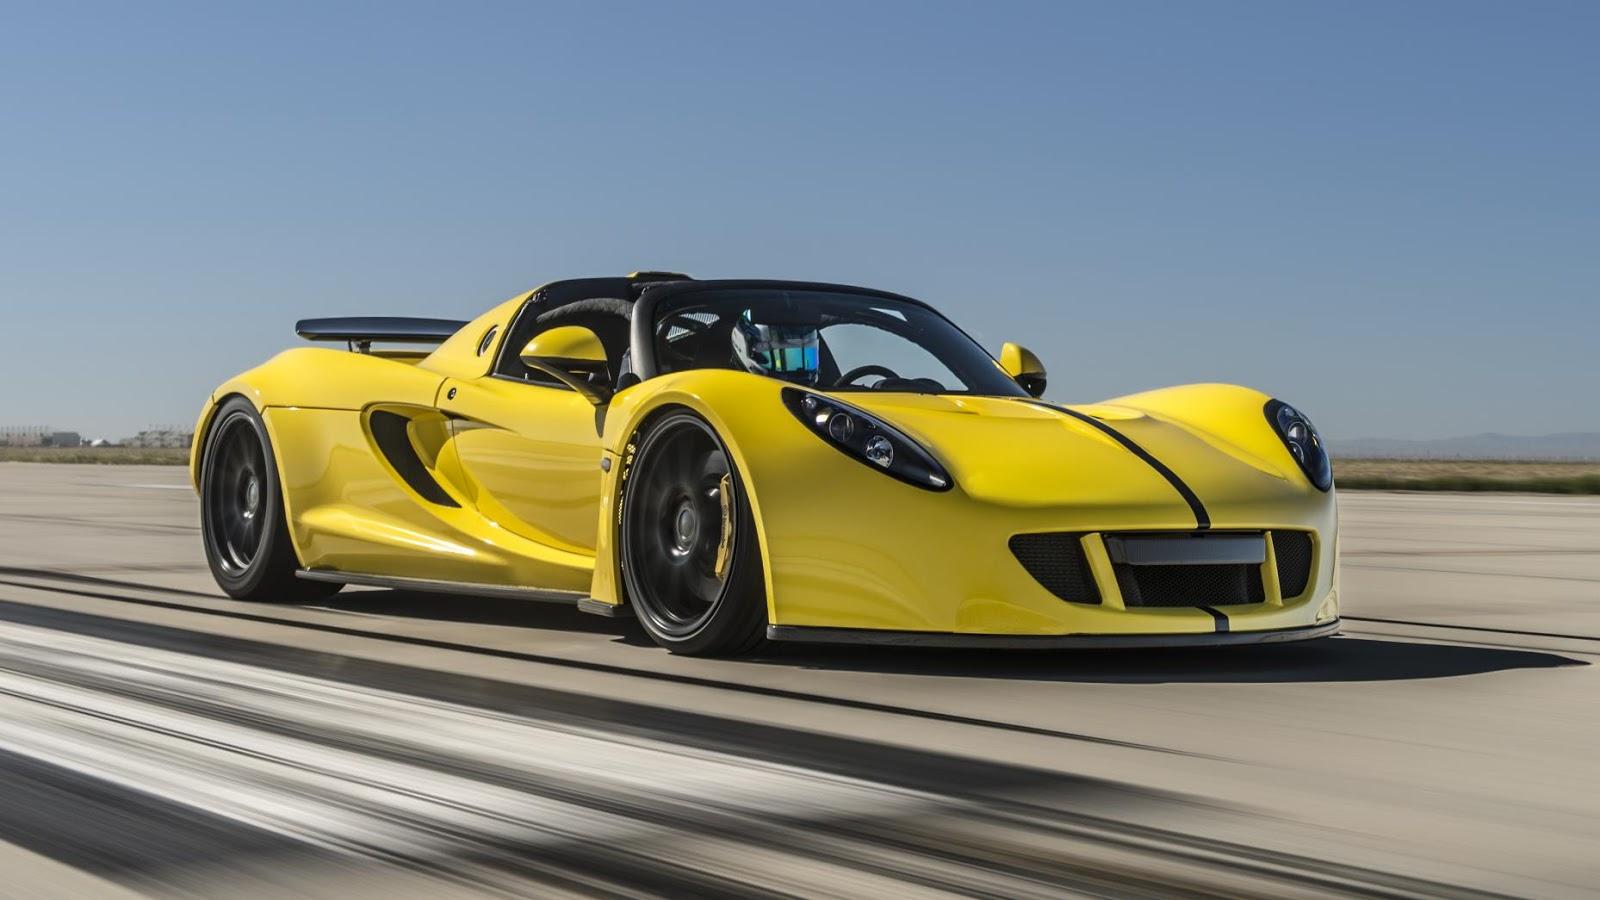 Hennessey Venom GT Spyder hiện là siêu xe nhanh nhất thế giới